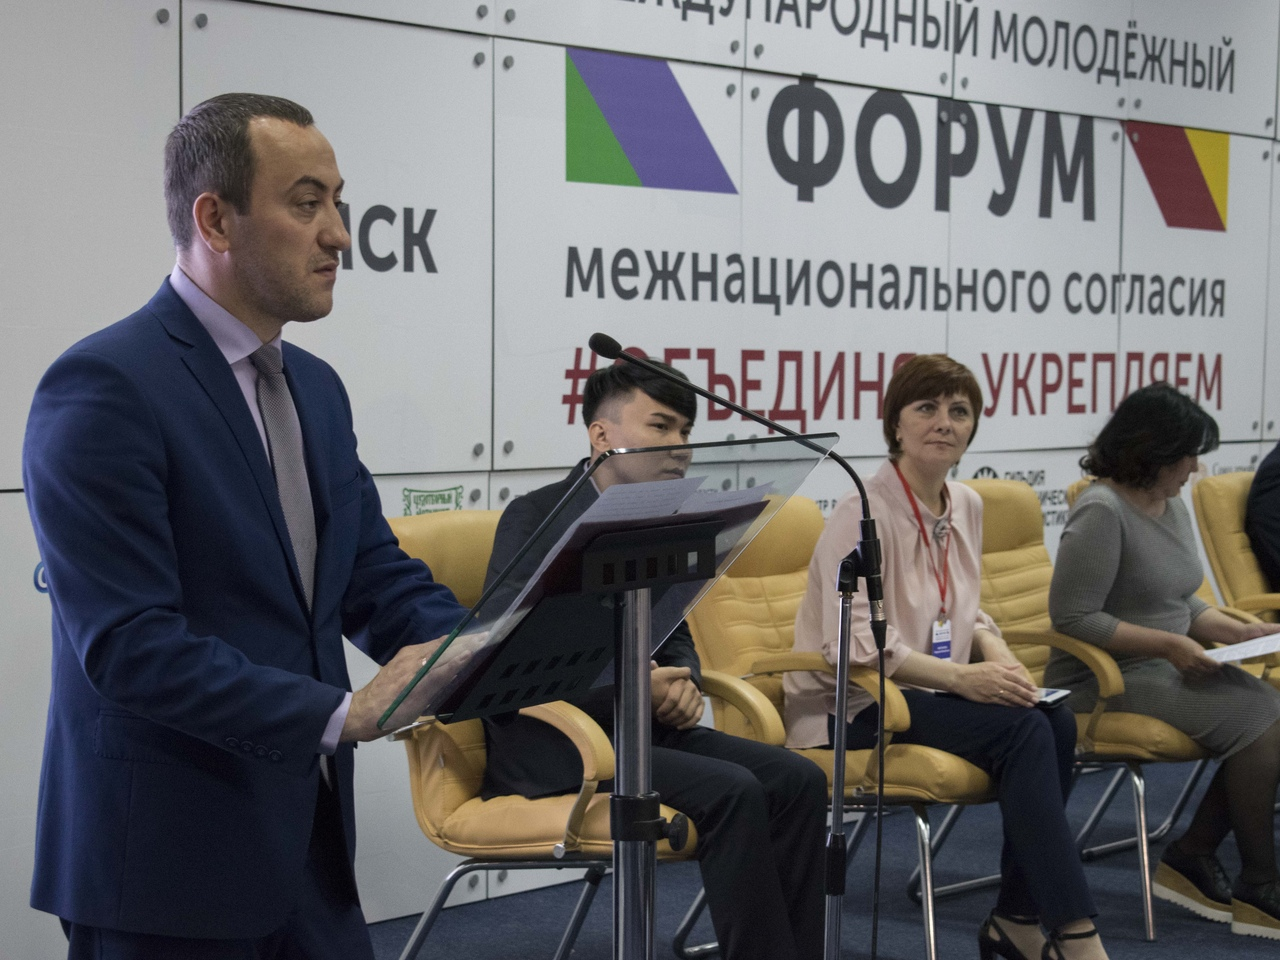 МАНР Укрепляя_Объединяем Омск